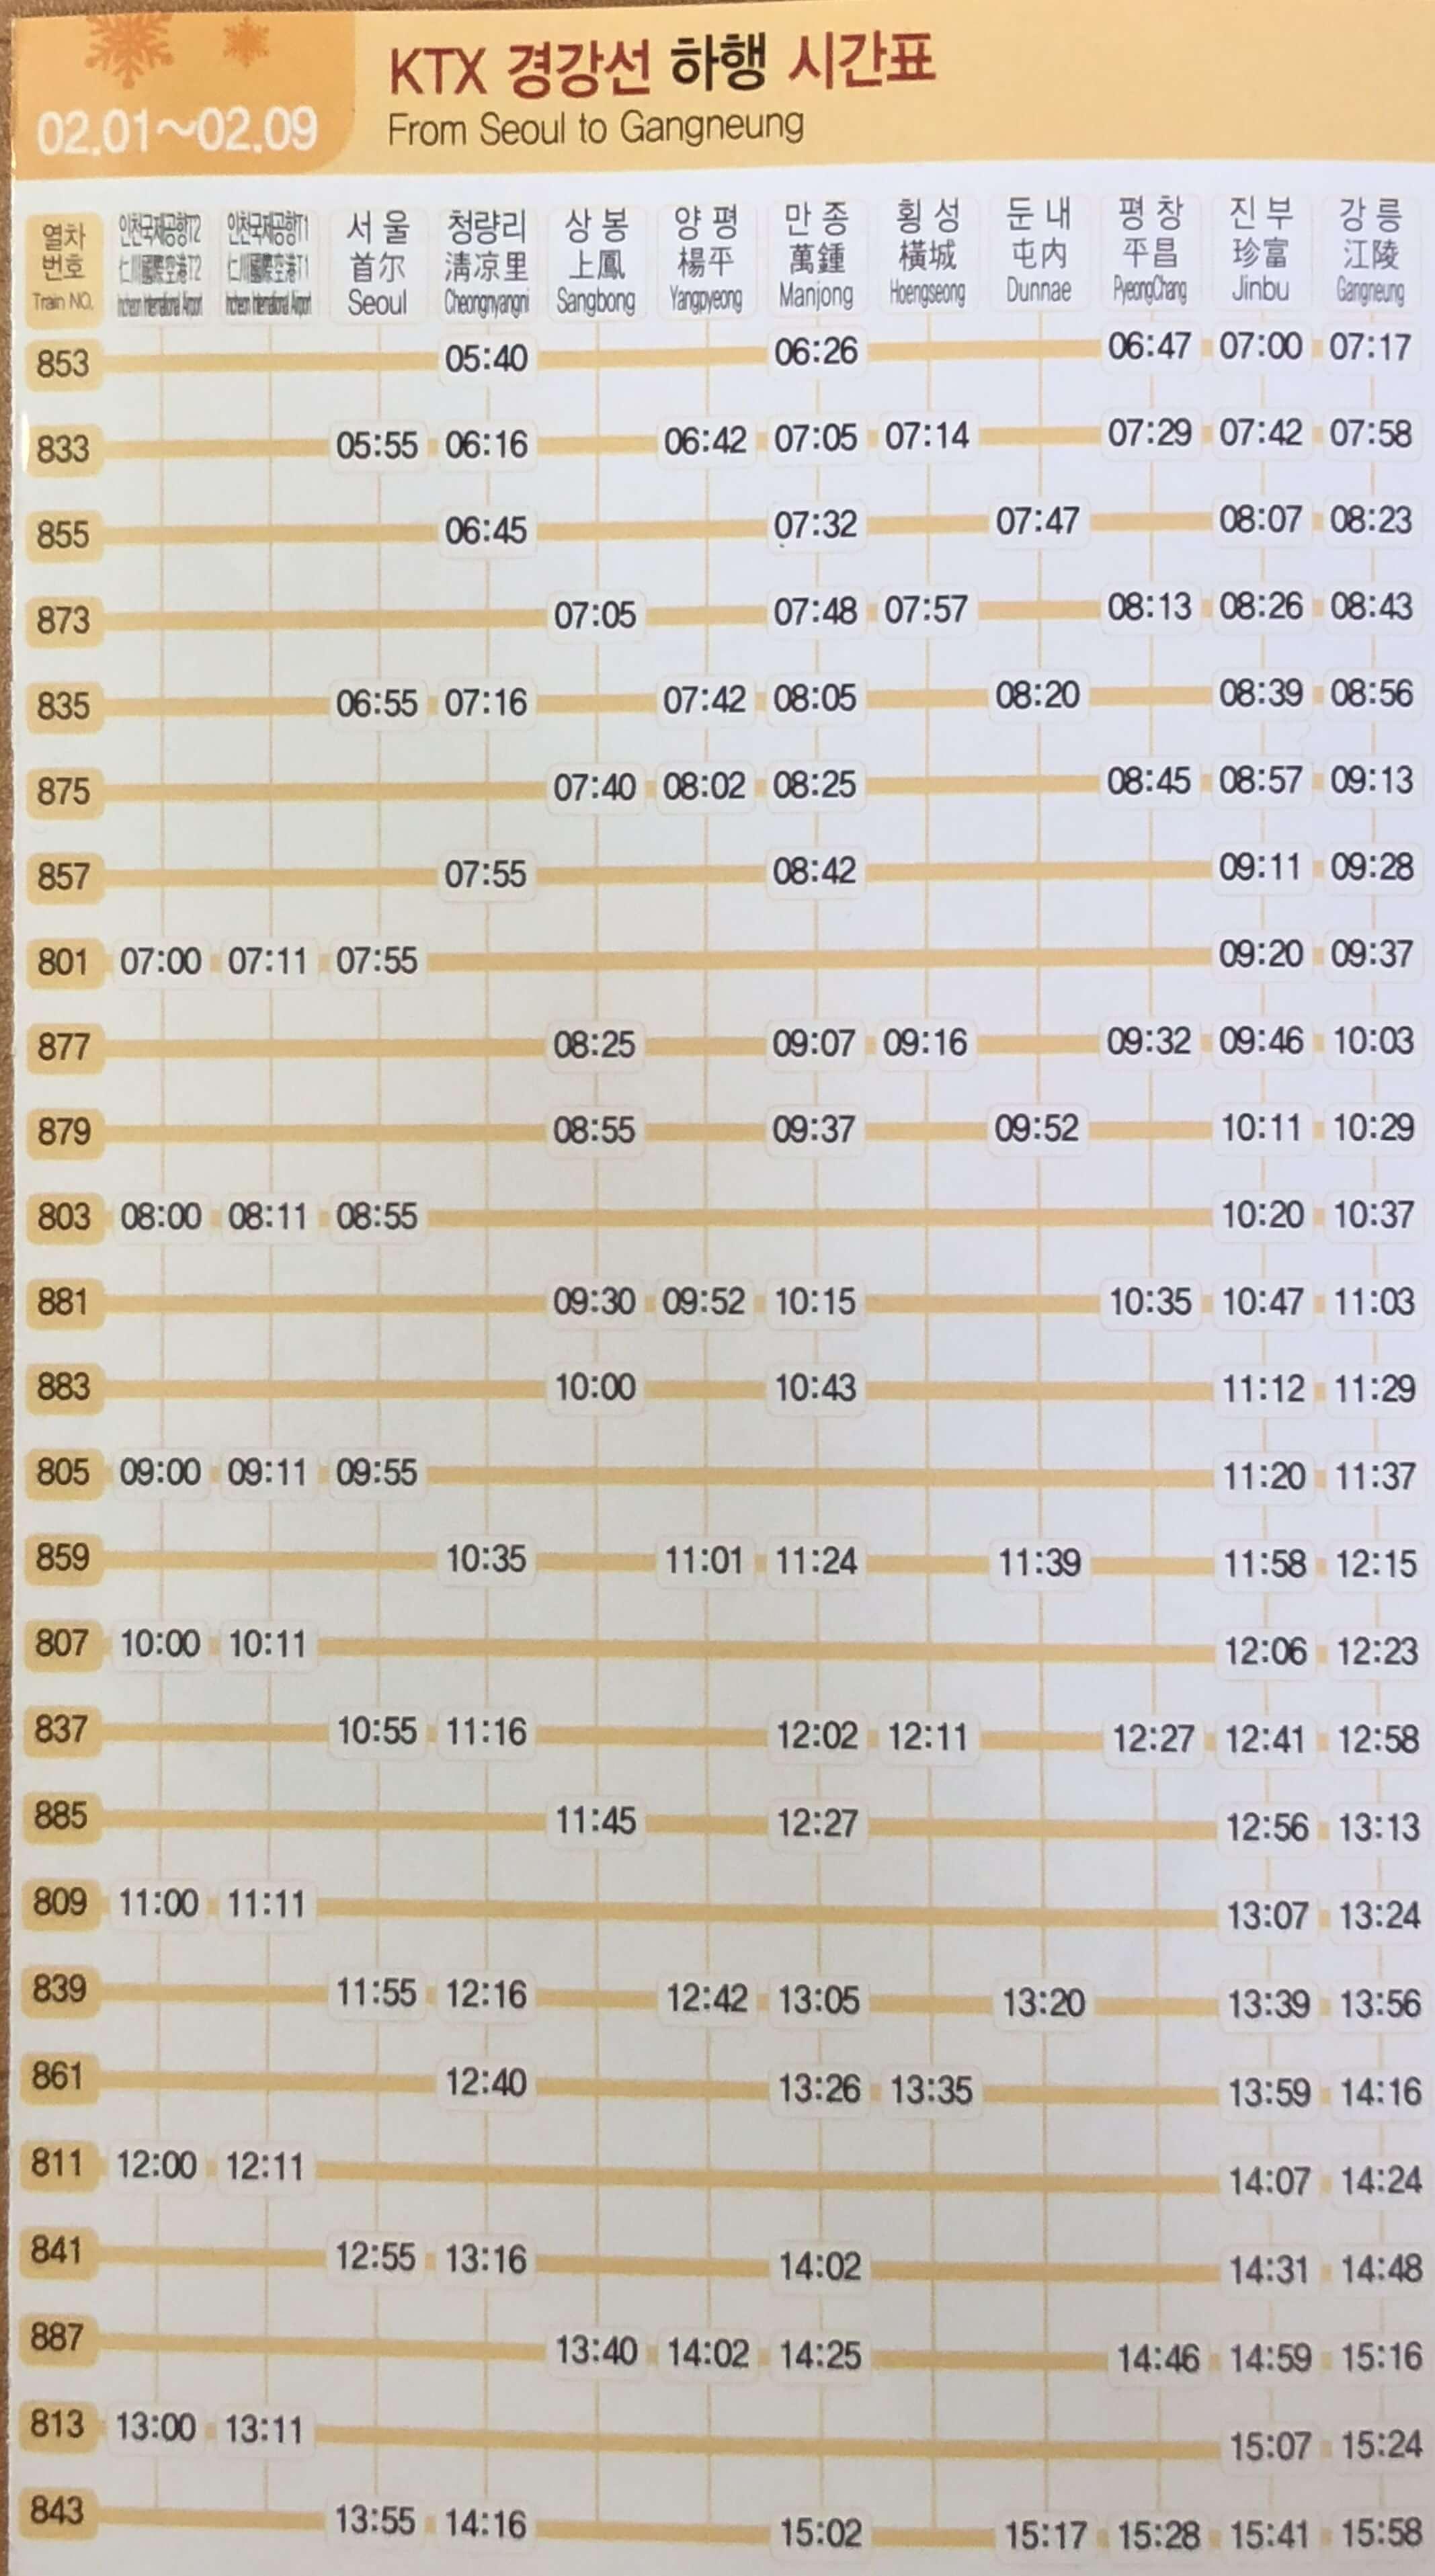 ソウルから江陵(カンヌン)のKTXの時刻表(2月1日~2月9日)1